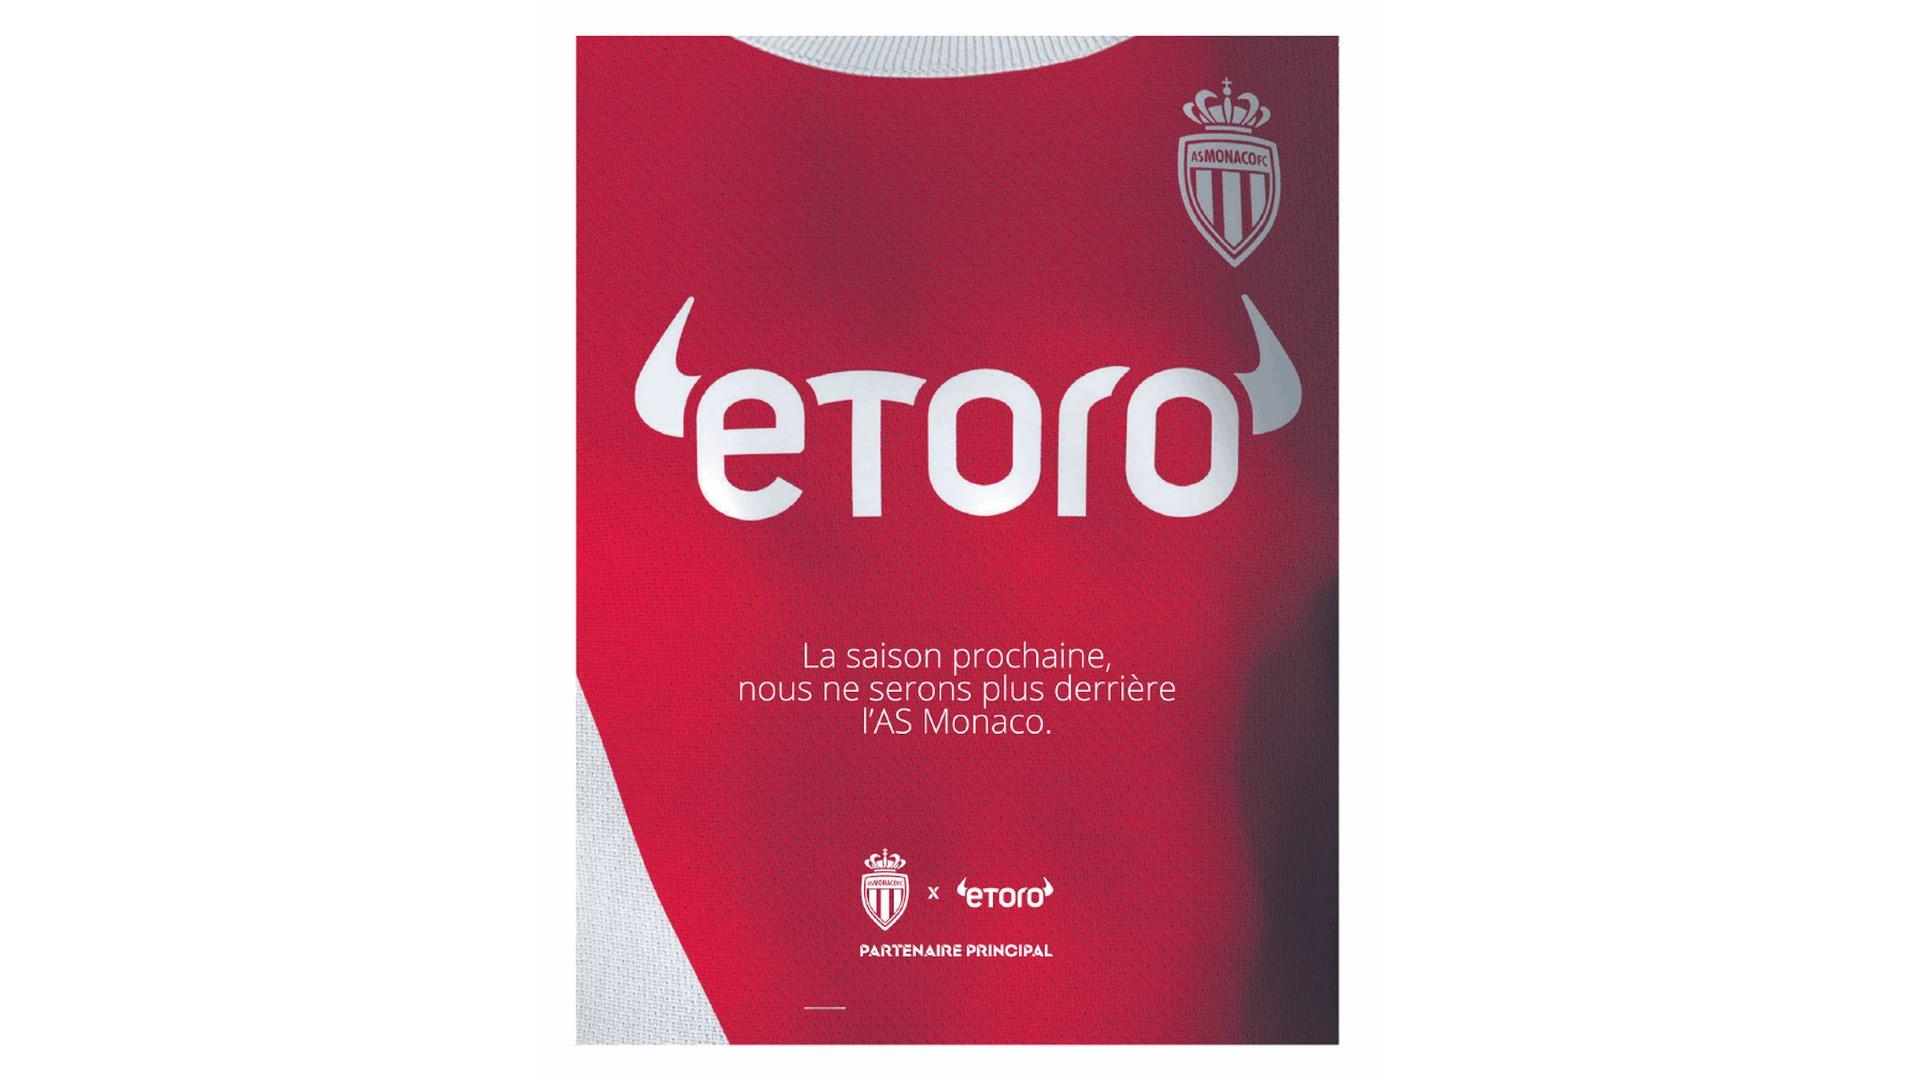 eToro x AS Monaco (football) 2021 (2) Pub l'Equipe